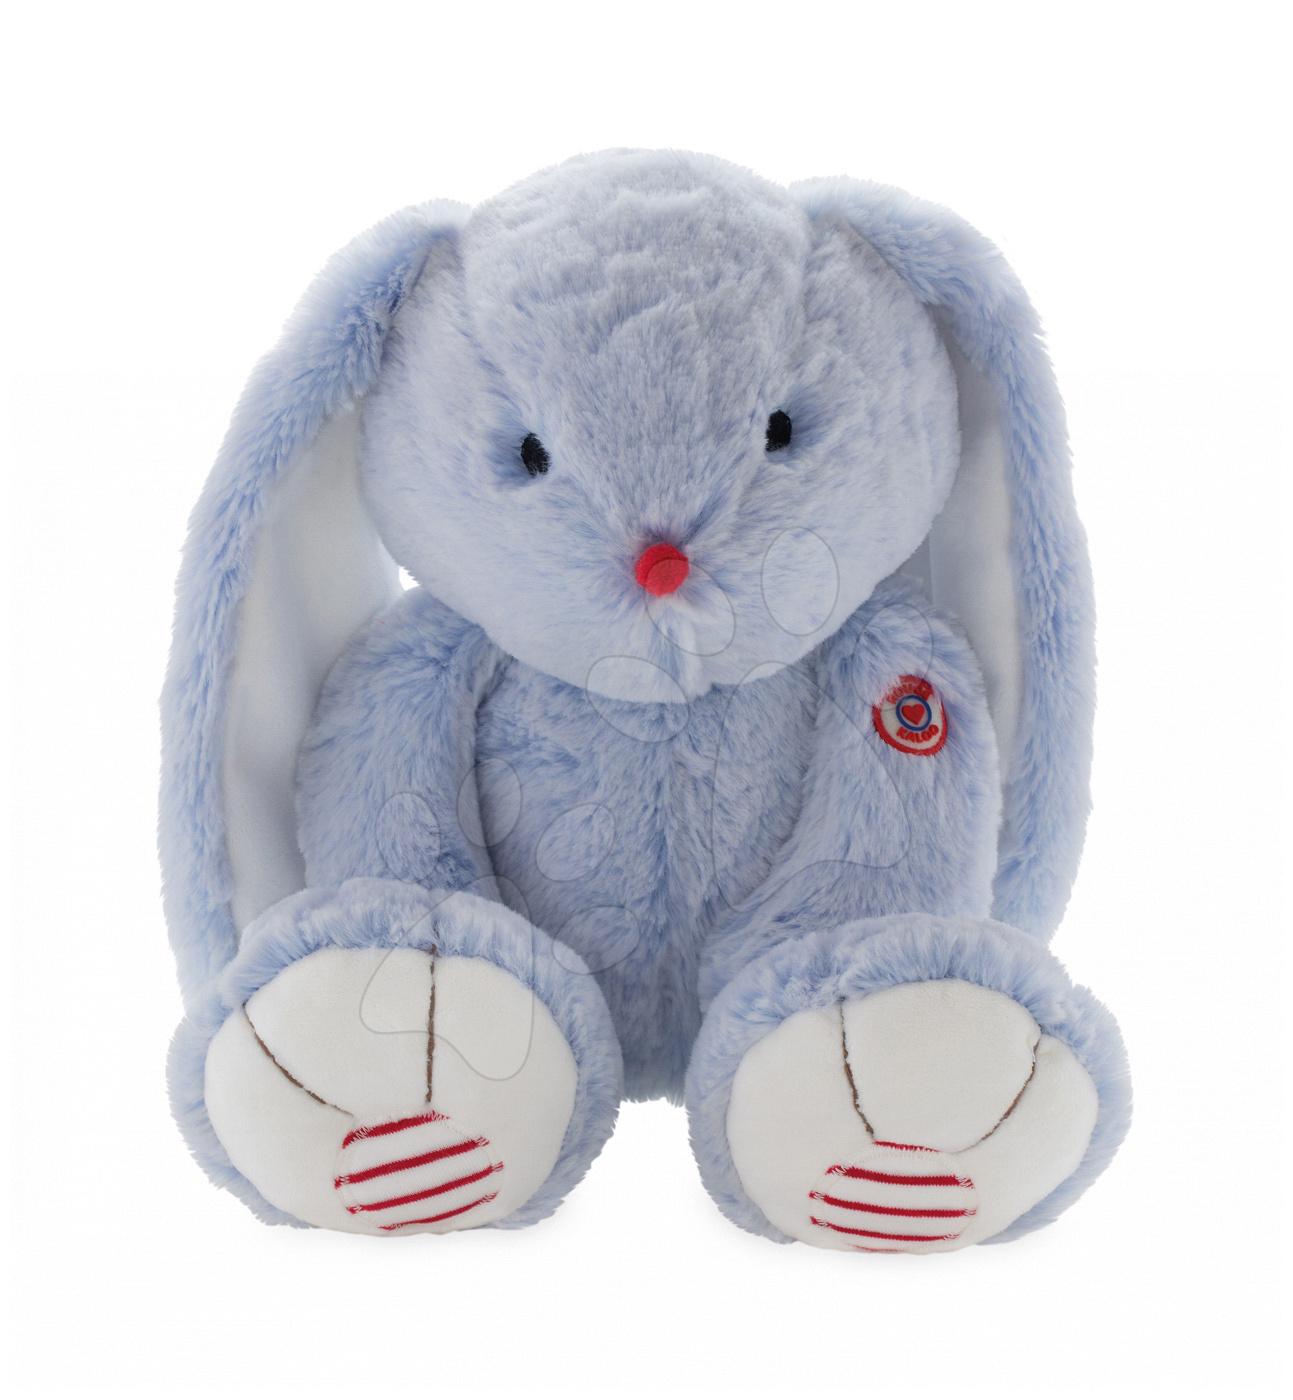 Hračky pro miminka - Plyšový zajíc Rouge Kaloo Large 38 cm z jemného plyše pro nejmenší modro-krémový od 0 měsíců